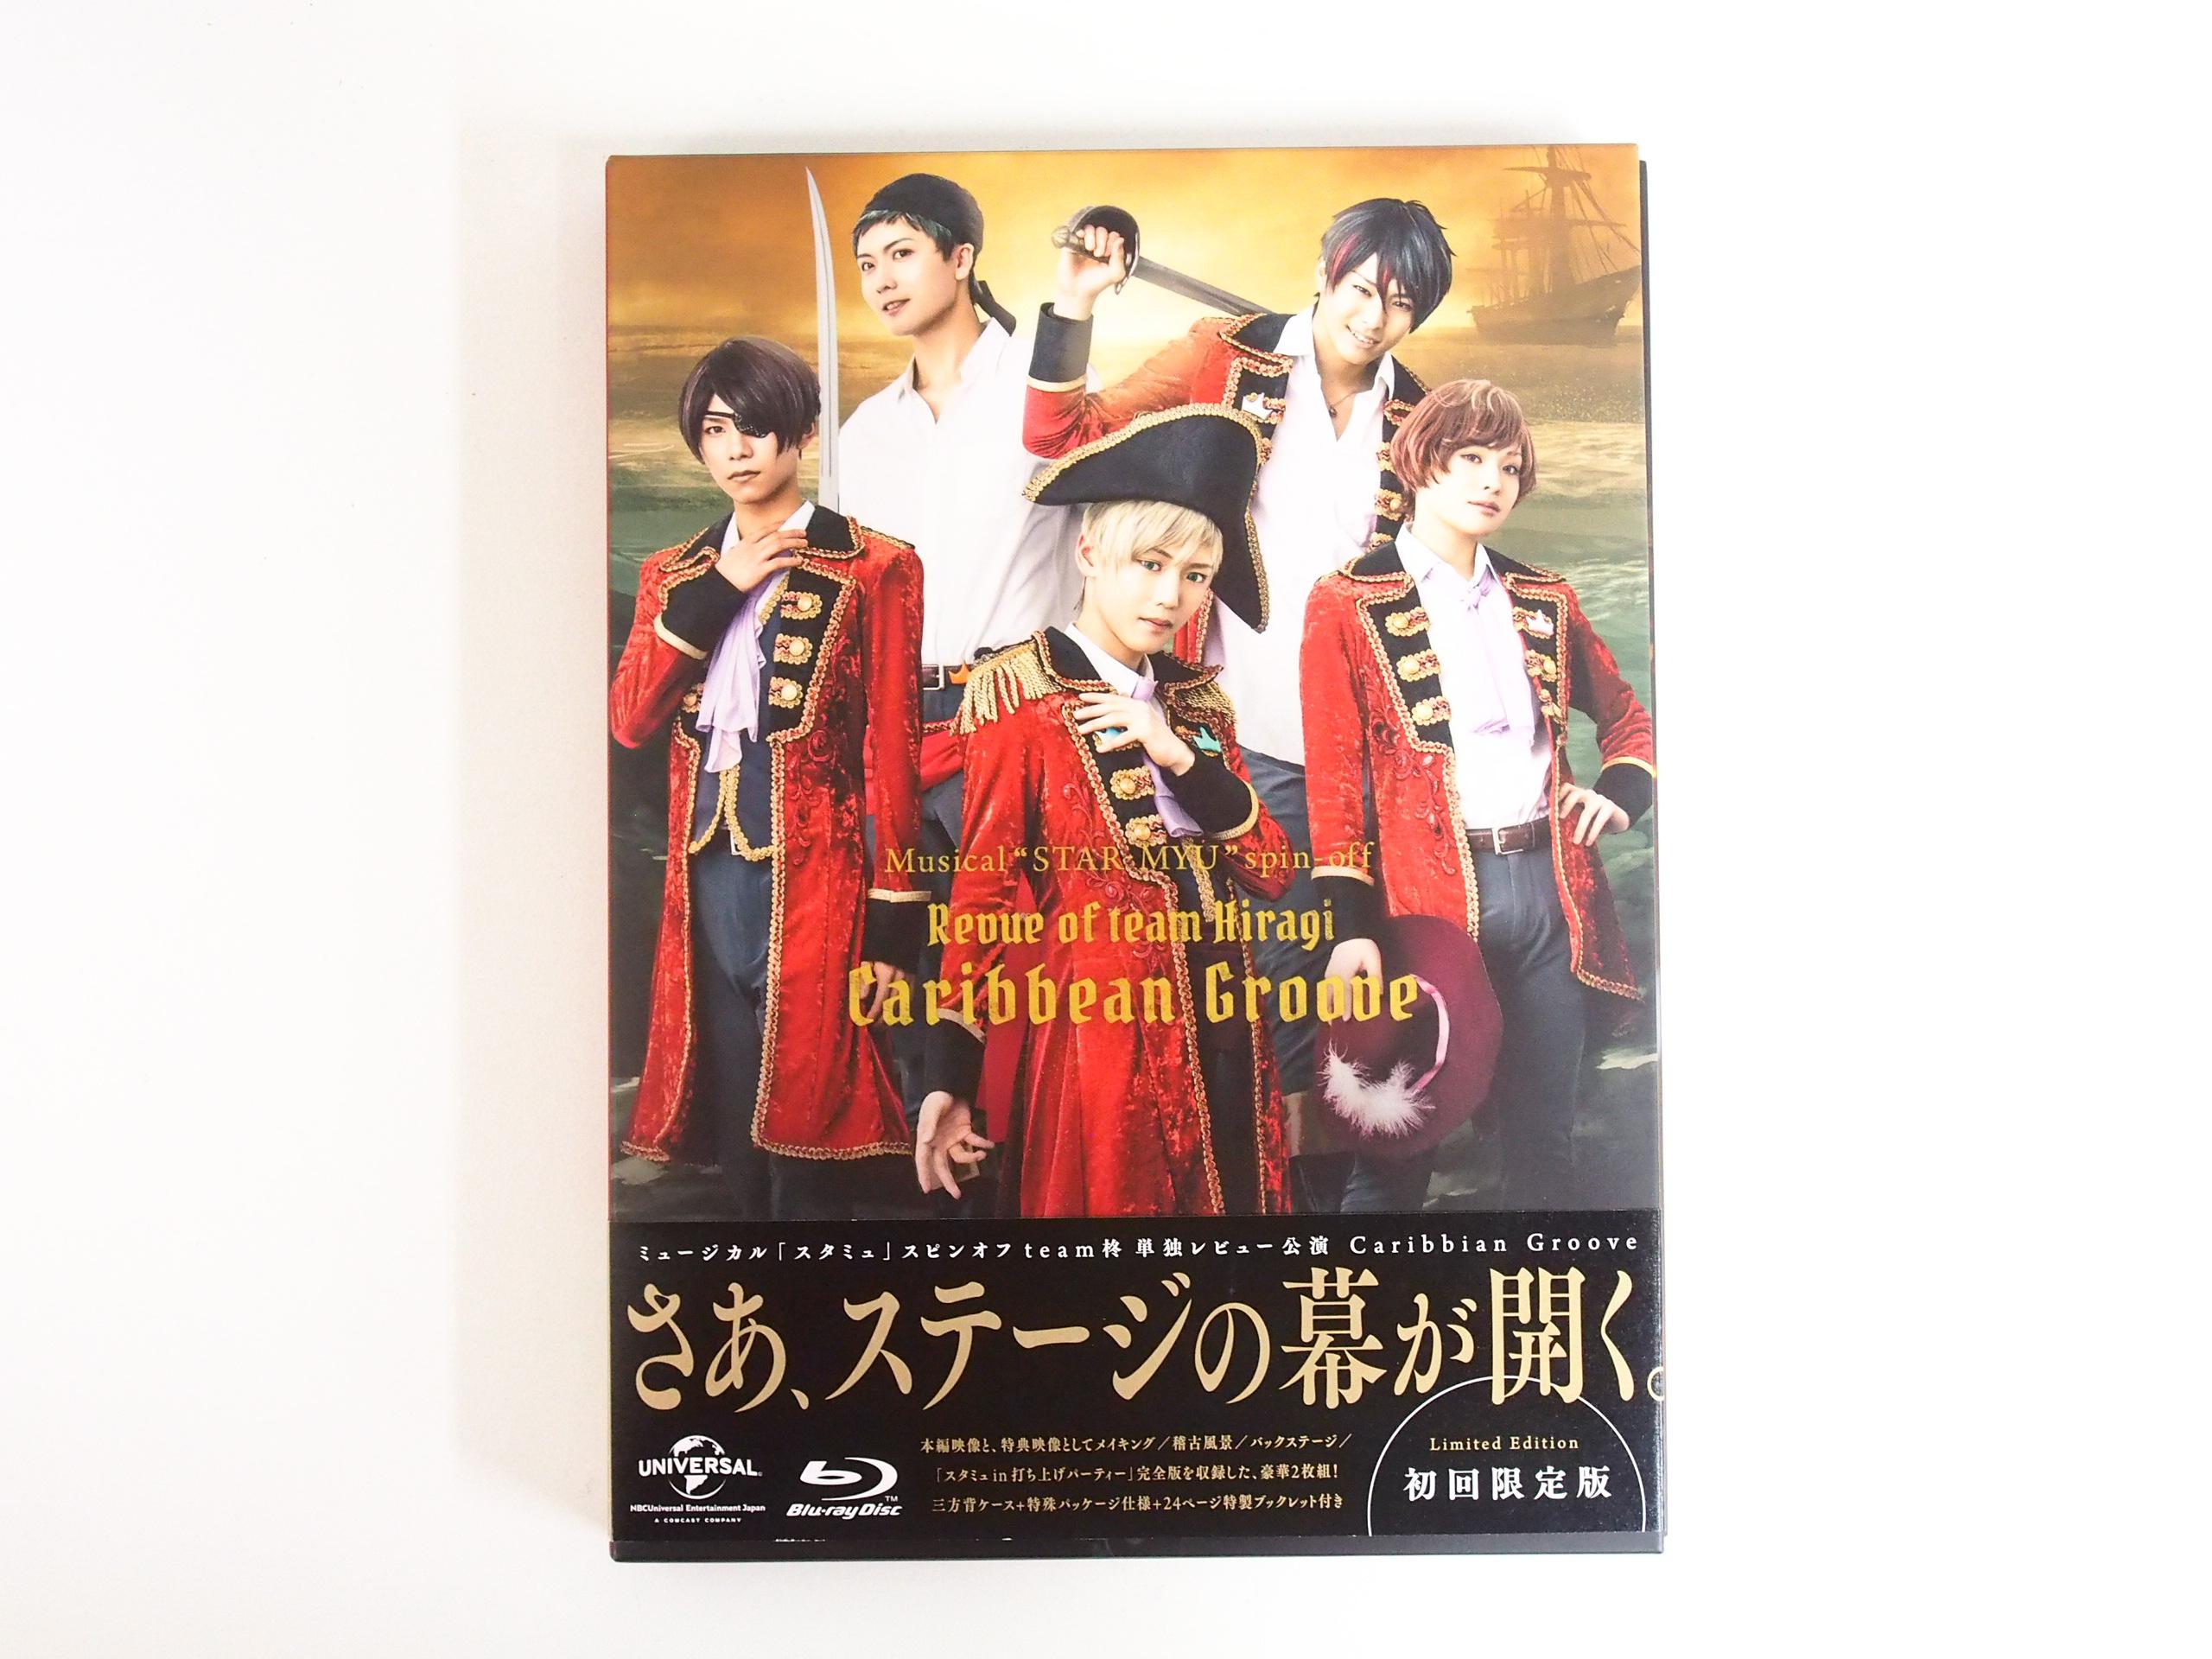 2.5次元Blu-ray ミュージカル スタミュ スピンオフ team柊 単独レビュー公演 Caribbean Groove